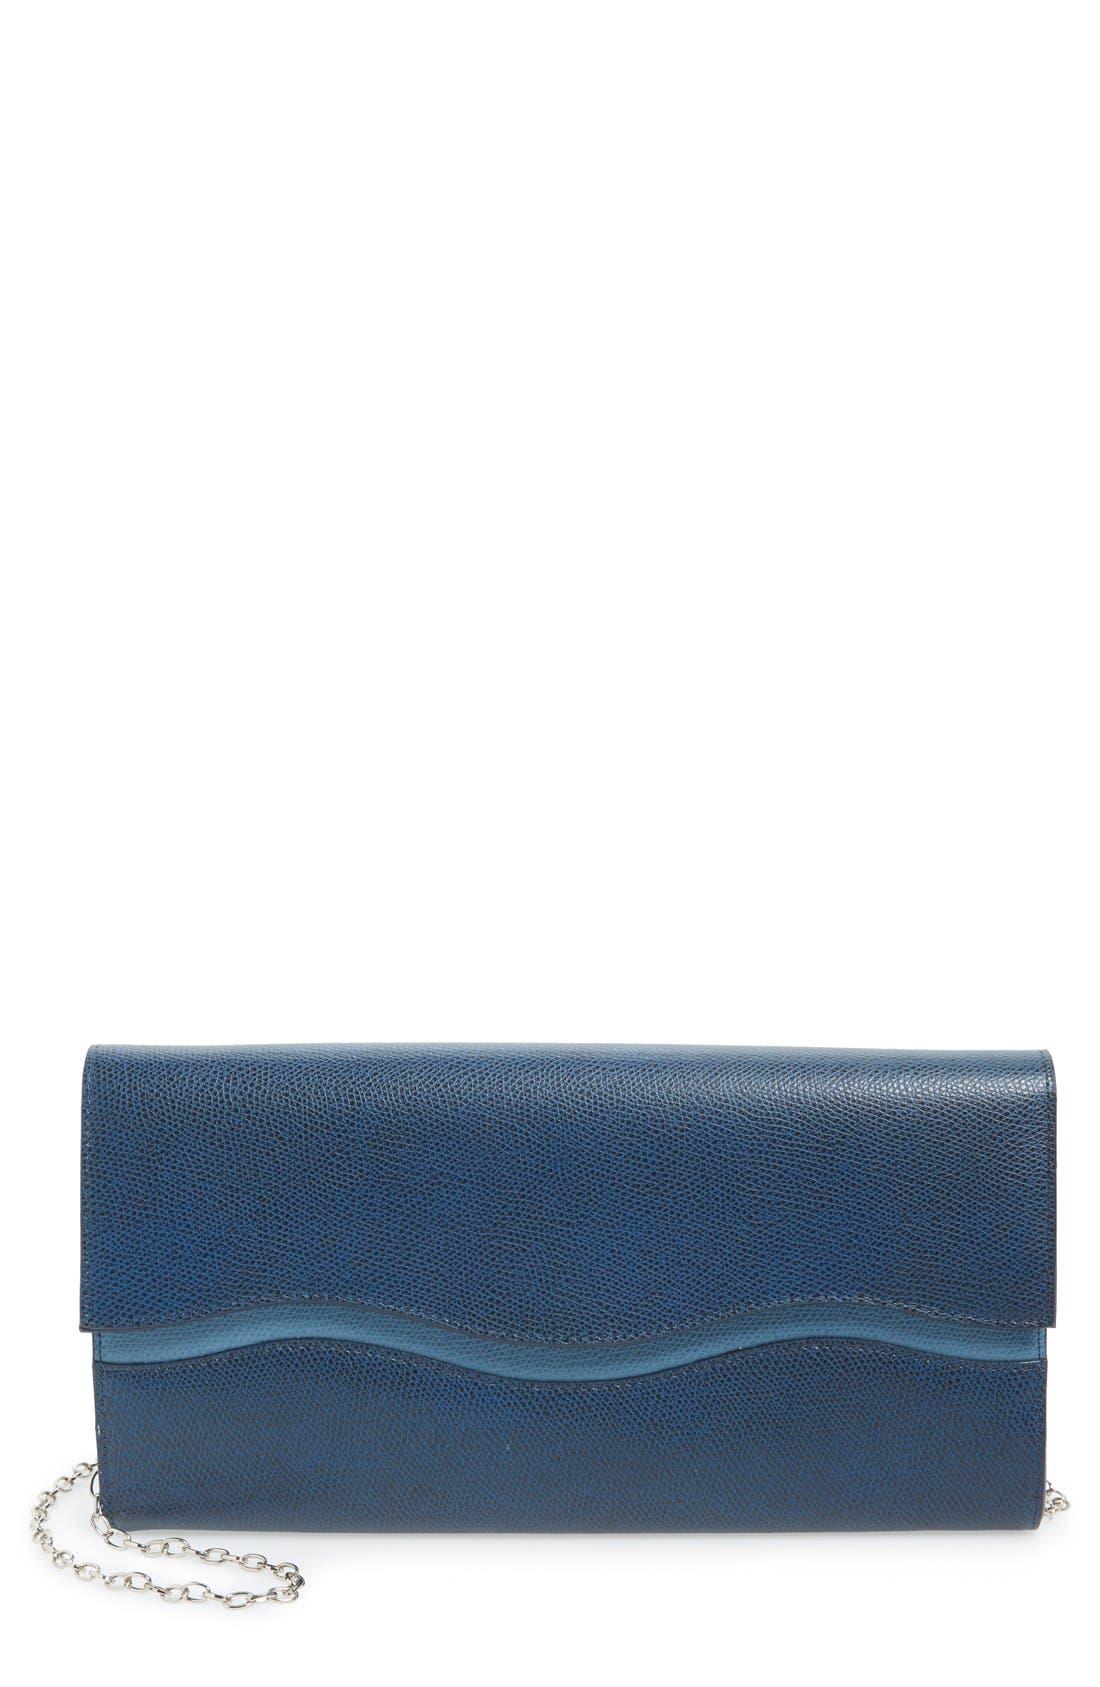 Alternate Image 1 Selected - Halogen® 'Westlake Wave' Leather Clutch